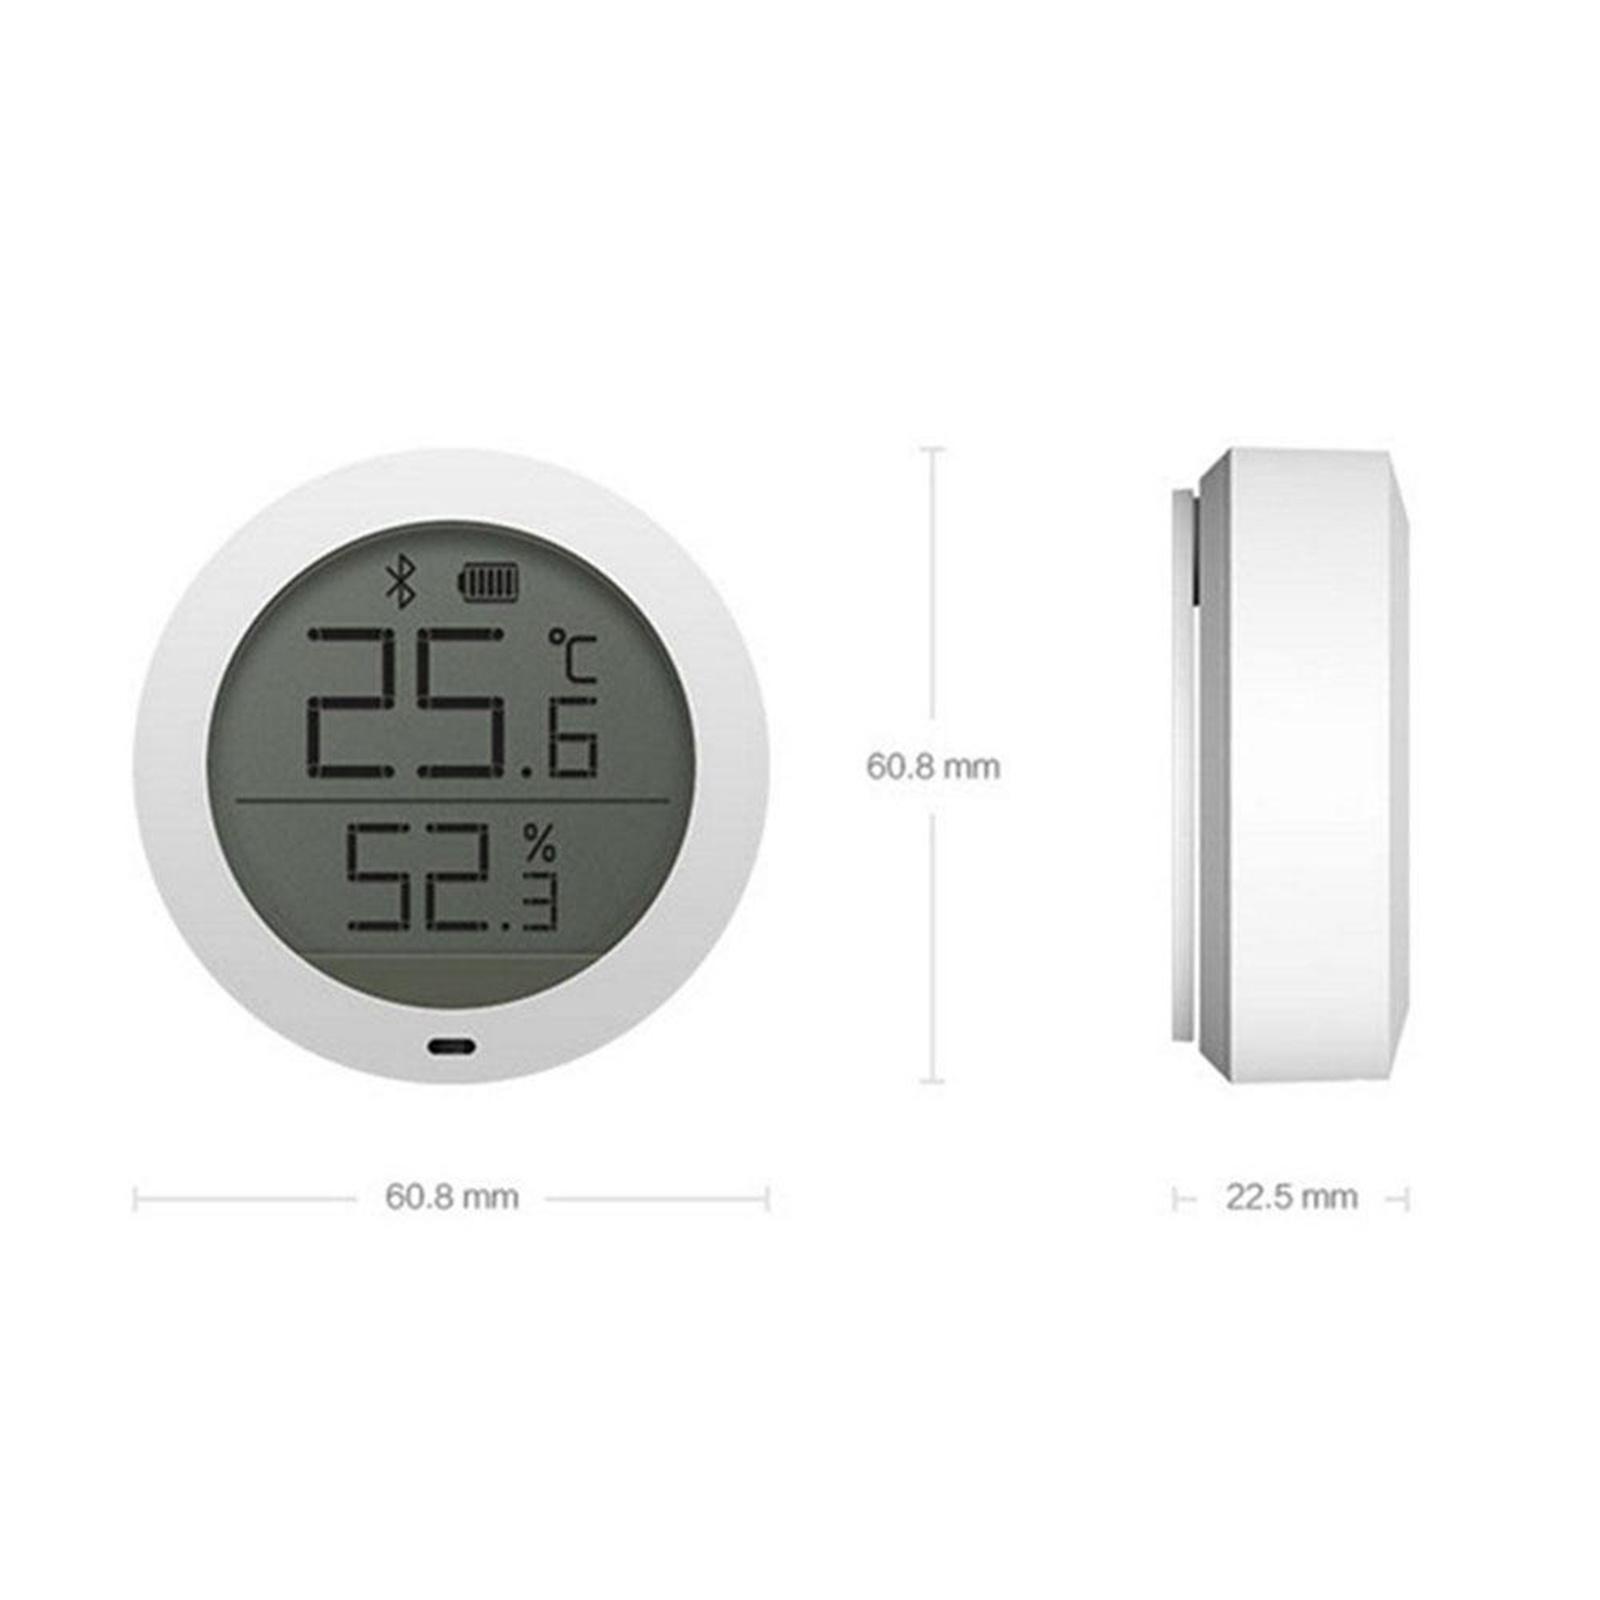 Buy the Xiaomi Mi Home Monitor Temperature & Humidity